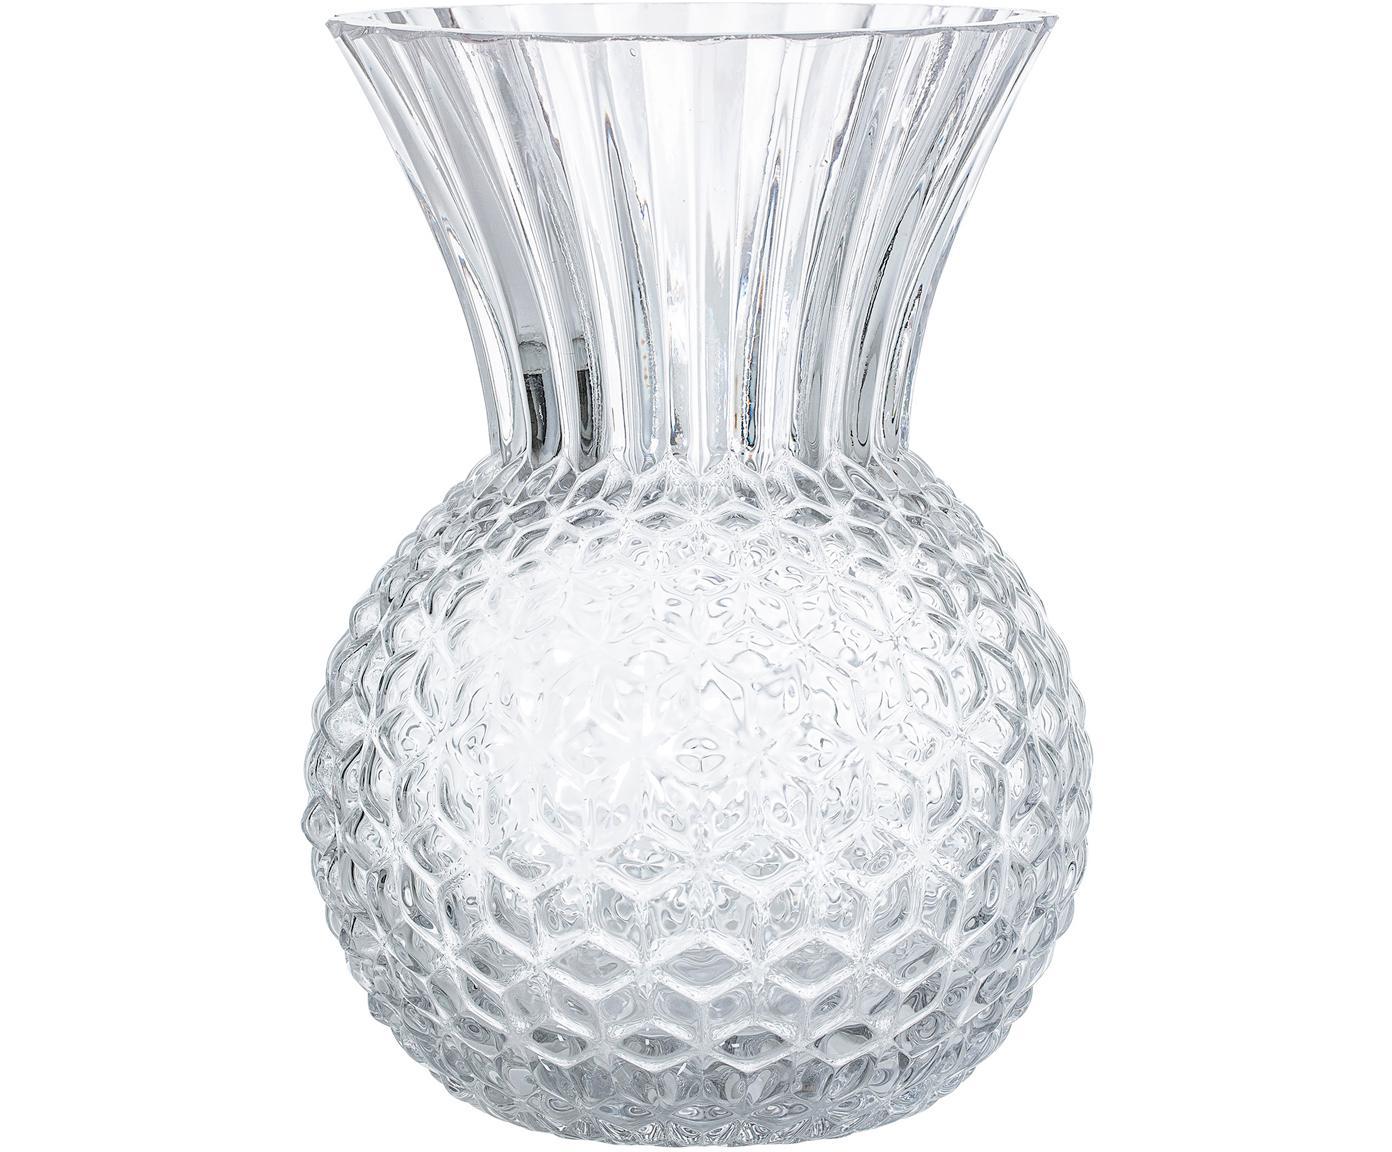 Wazon ze szkła Clear, Szkło, Transparentny, Ø 13 cm